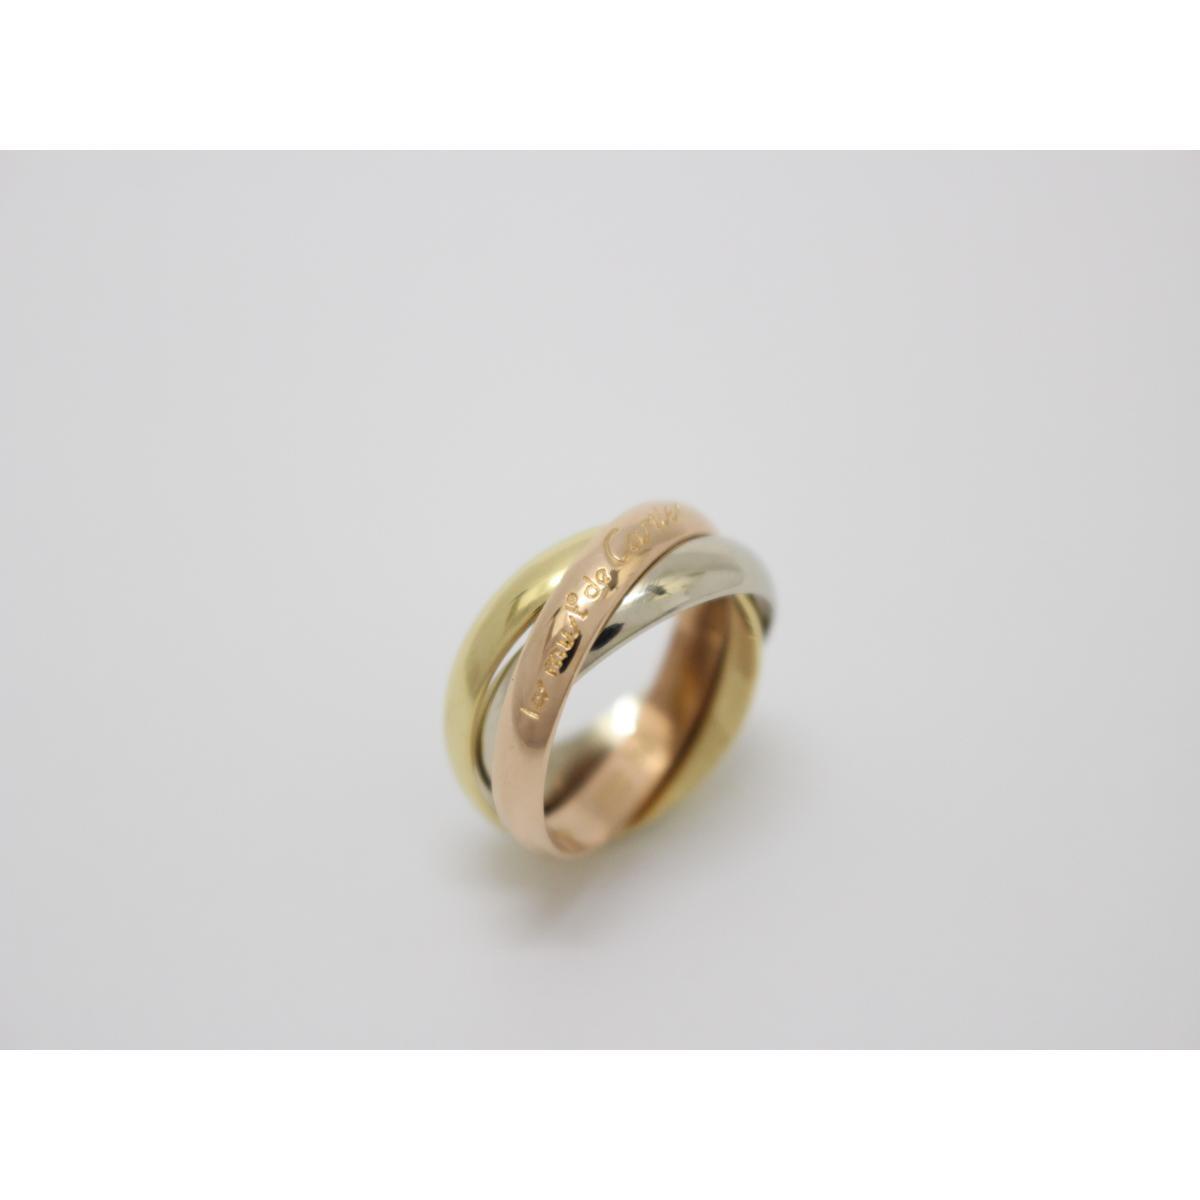 【中古】カルティエ トリニティリング 指輪 10号 刻印#50 貴金属 宝石 ブランドジュエリー レディース K18YG(750) イエローゴールド×K18WG(750) ホワイトゴールド×K18PG(750) ピンクゴールド イエローゴールド×シルバー×ピンクゴールド